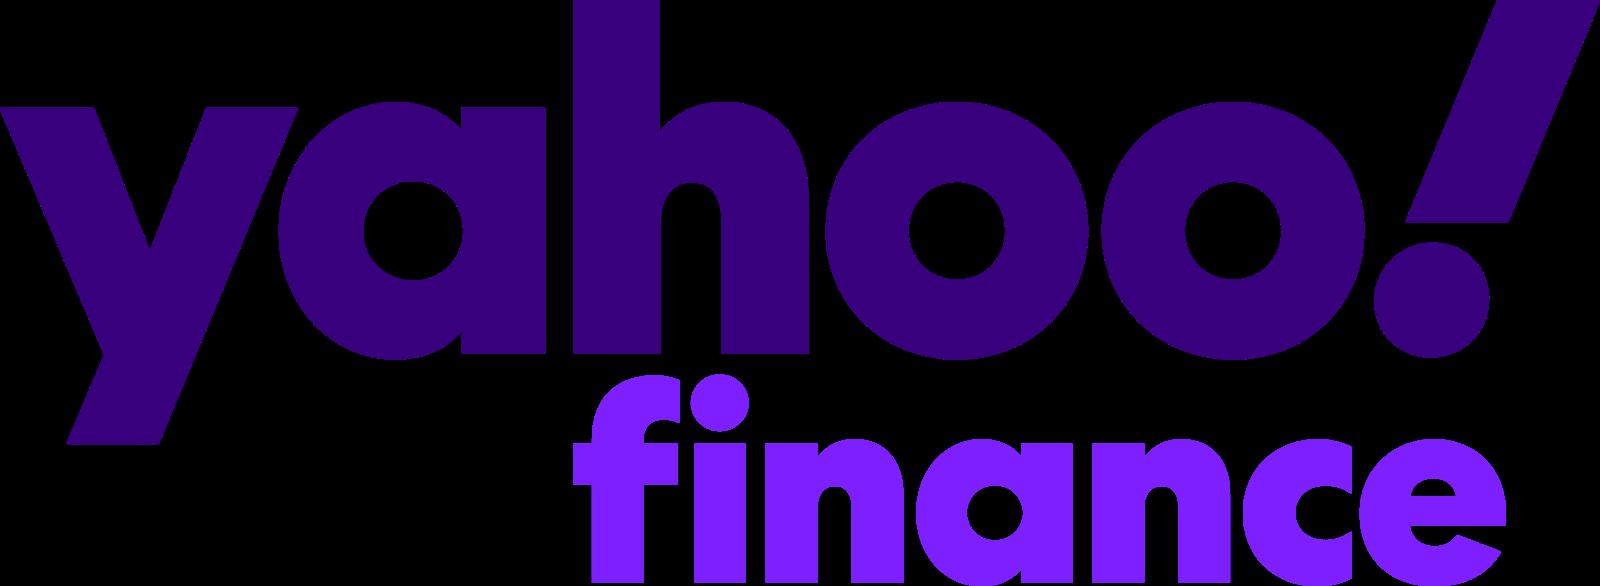 YahooFinanceLogo (1)